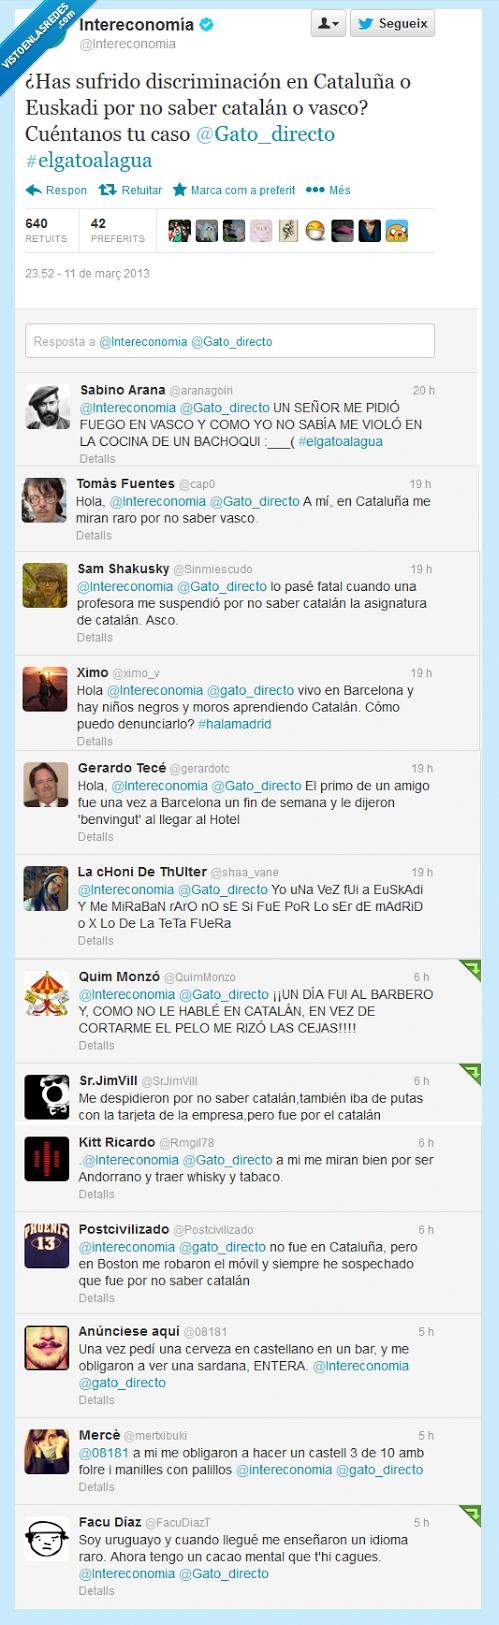 catalan,cataluña,euskadi,humor,intereconomia,pregunta,respuestas,vasco